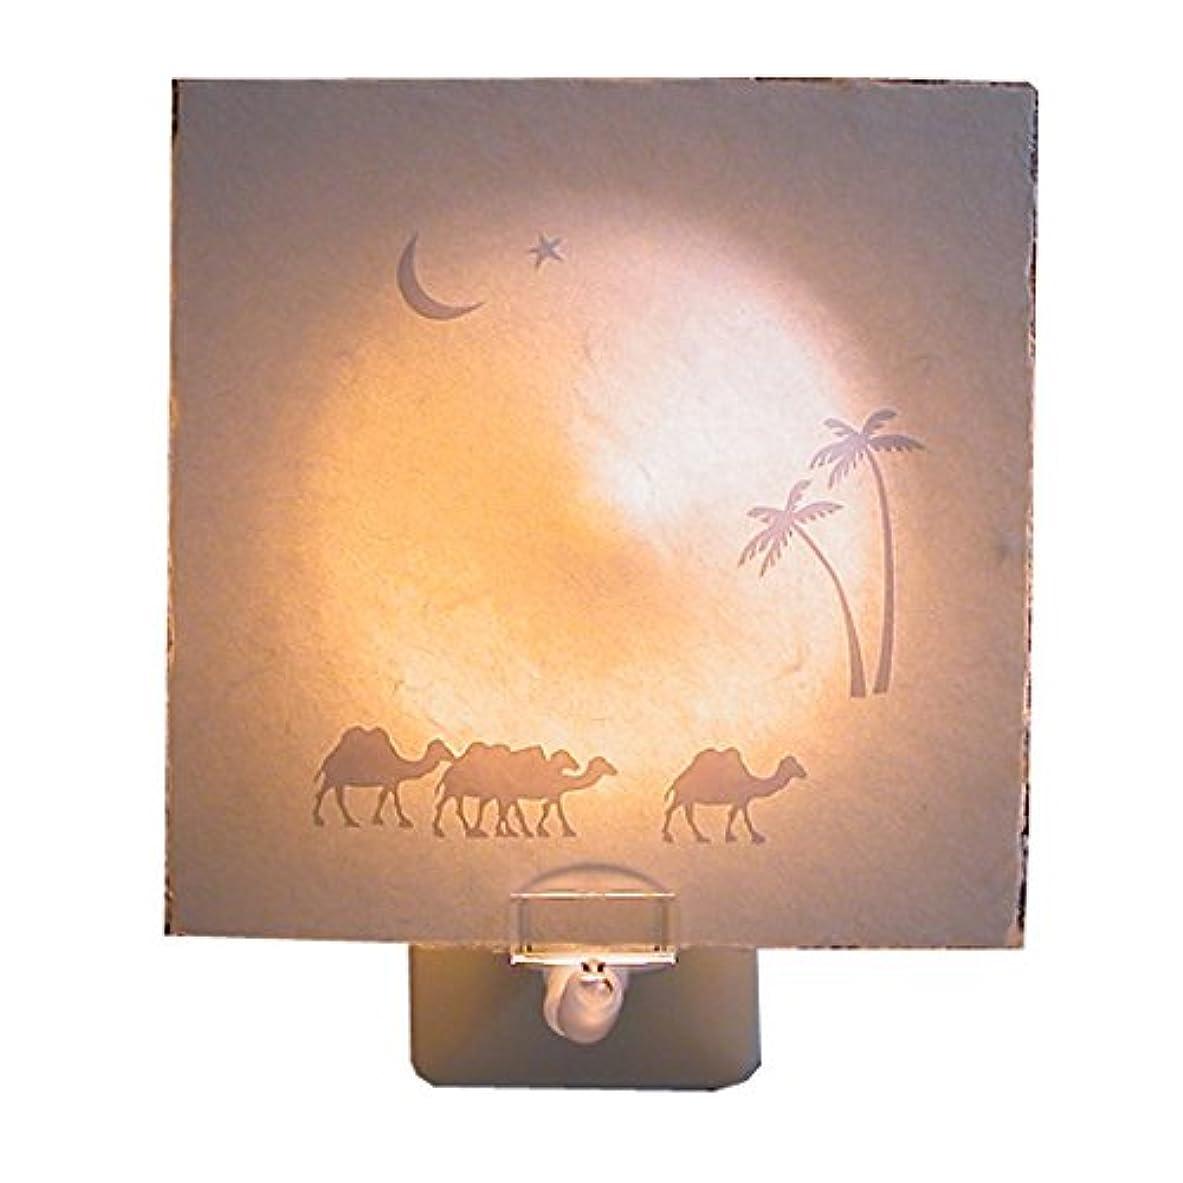 ミント不和レバー有限会社イメージラボテクスト 照明 おやすみカルタ-月の砂漠 コンセント OA-1001